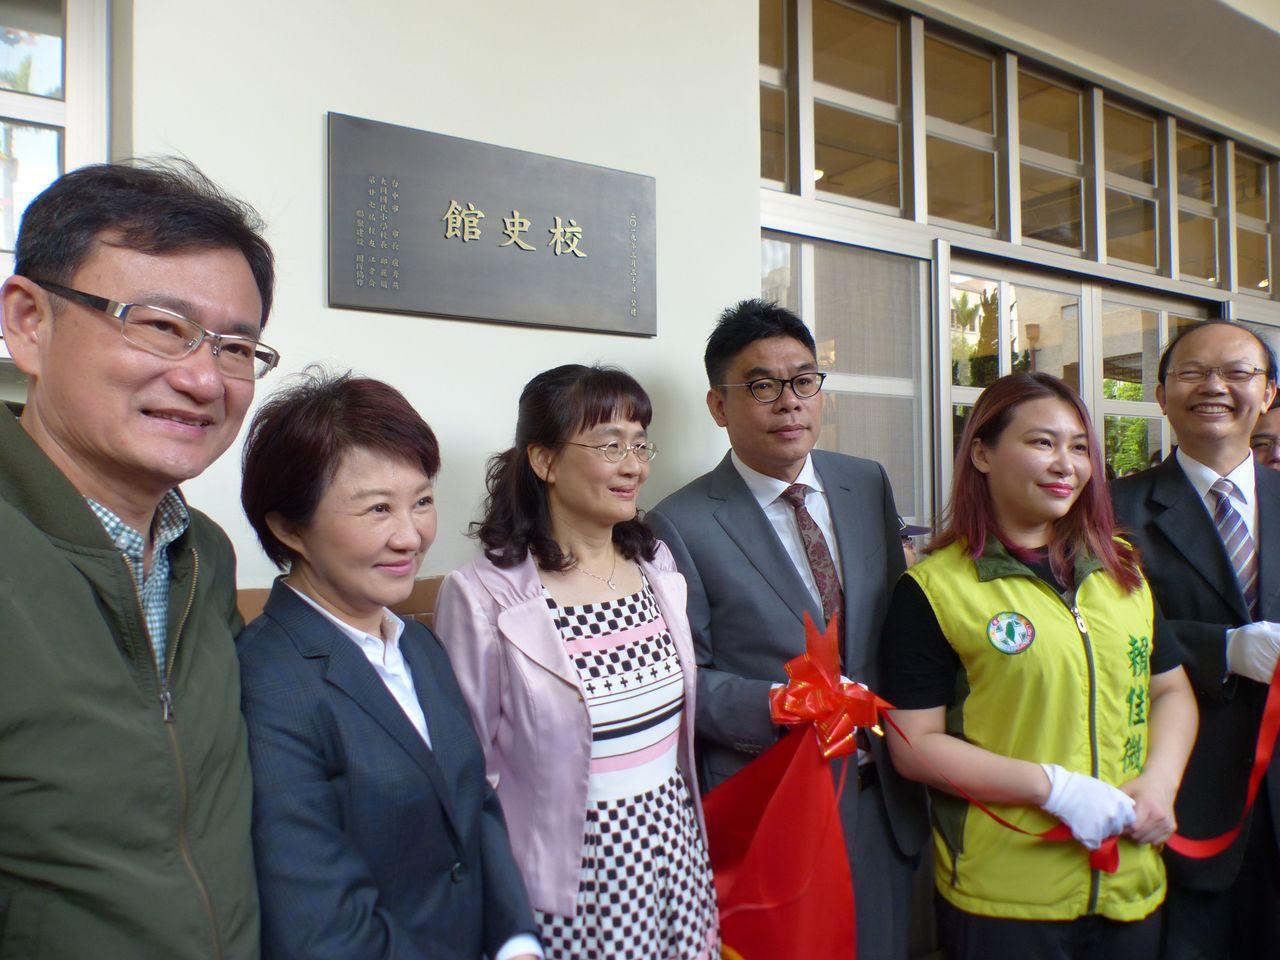 台中市長盧秀燕(左二)今參加台中市西區大同國小120周年校慶,並且為校史館揭幕。...